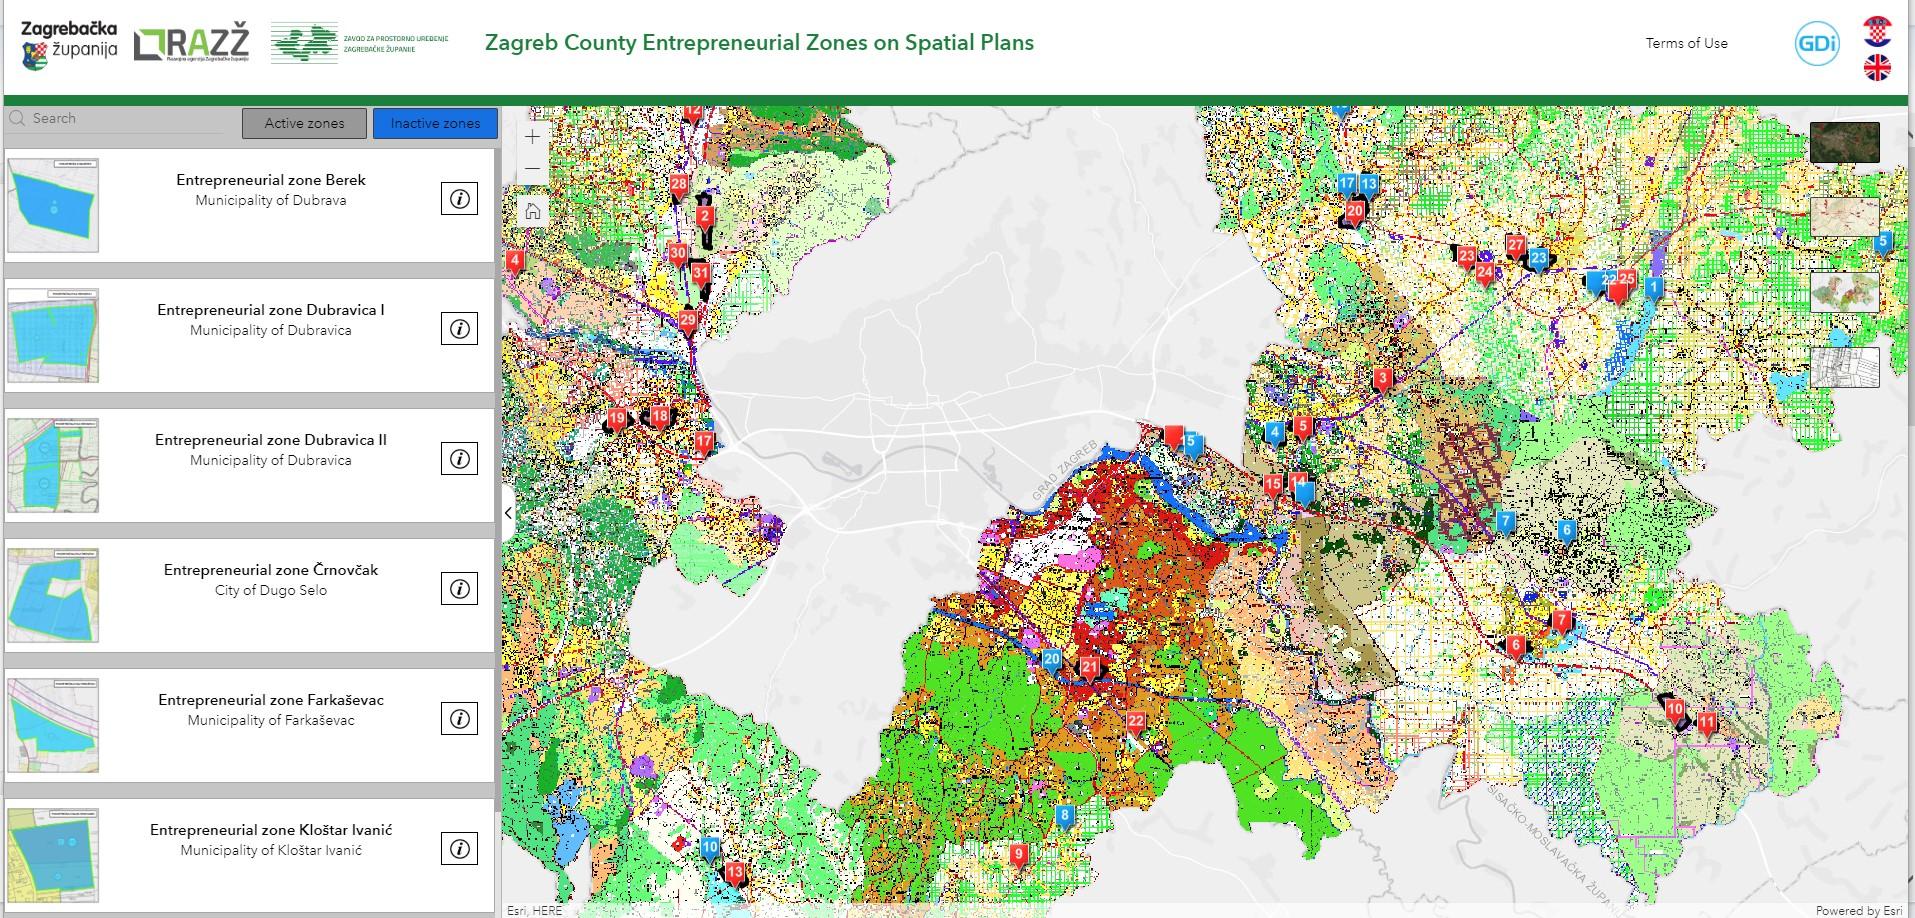 Objavljena nova aplikacija Poduzetničkih zona Zagrebačke županije na hrvatskom i engleskom jeziku 1